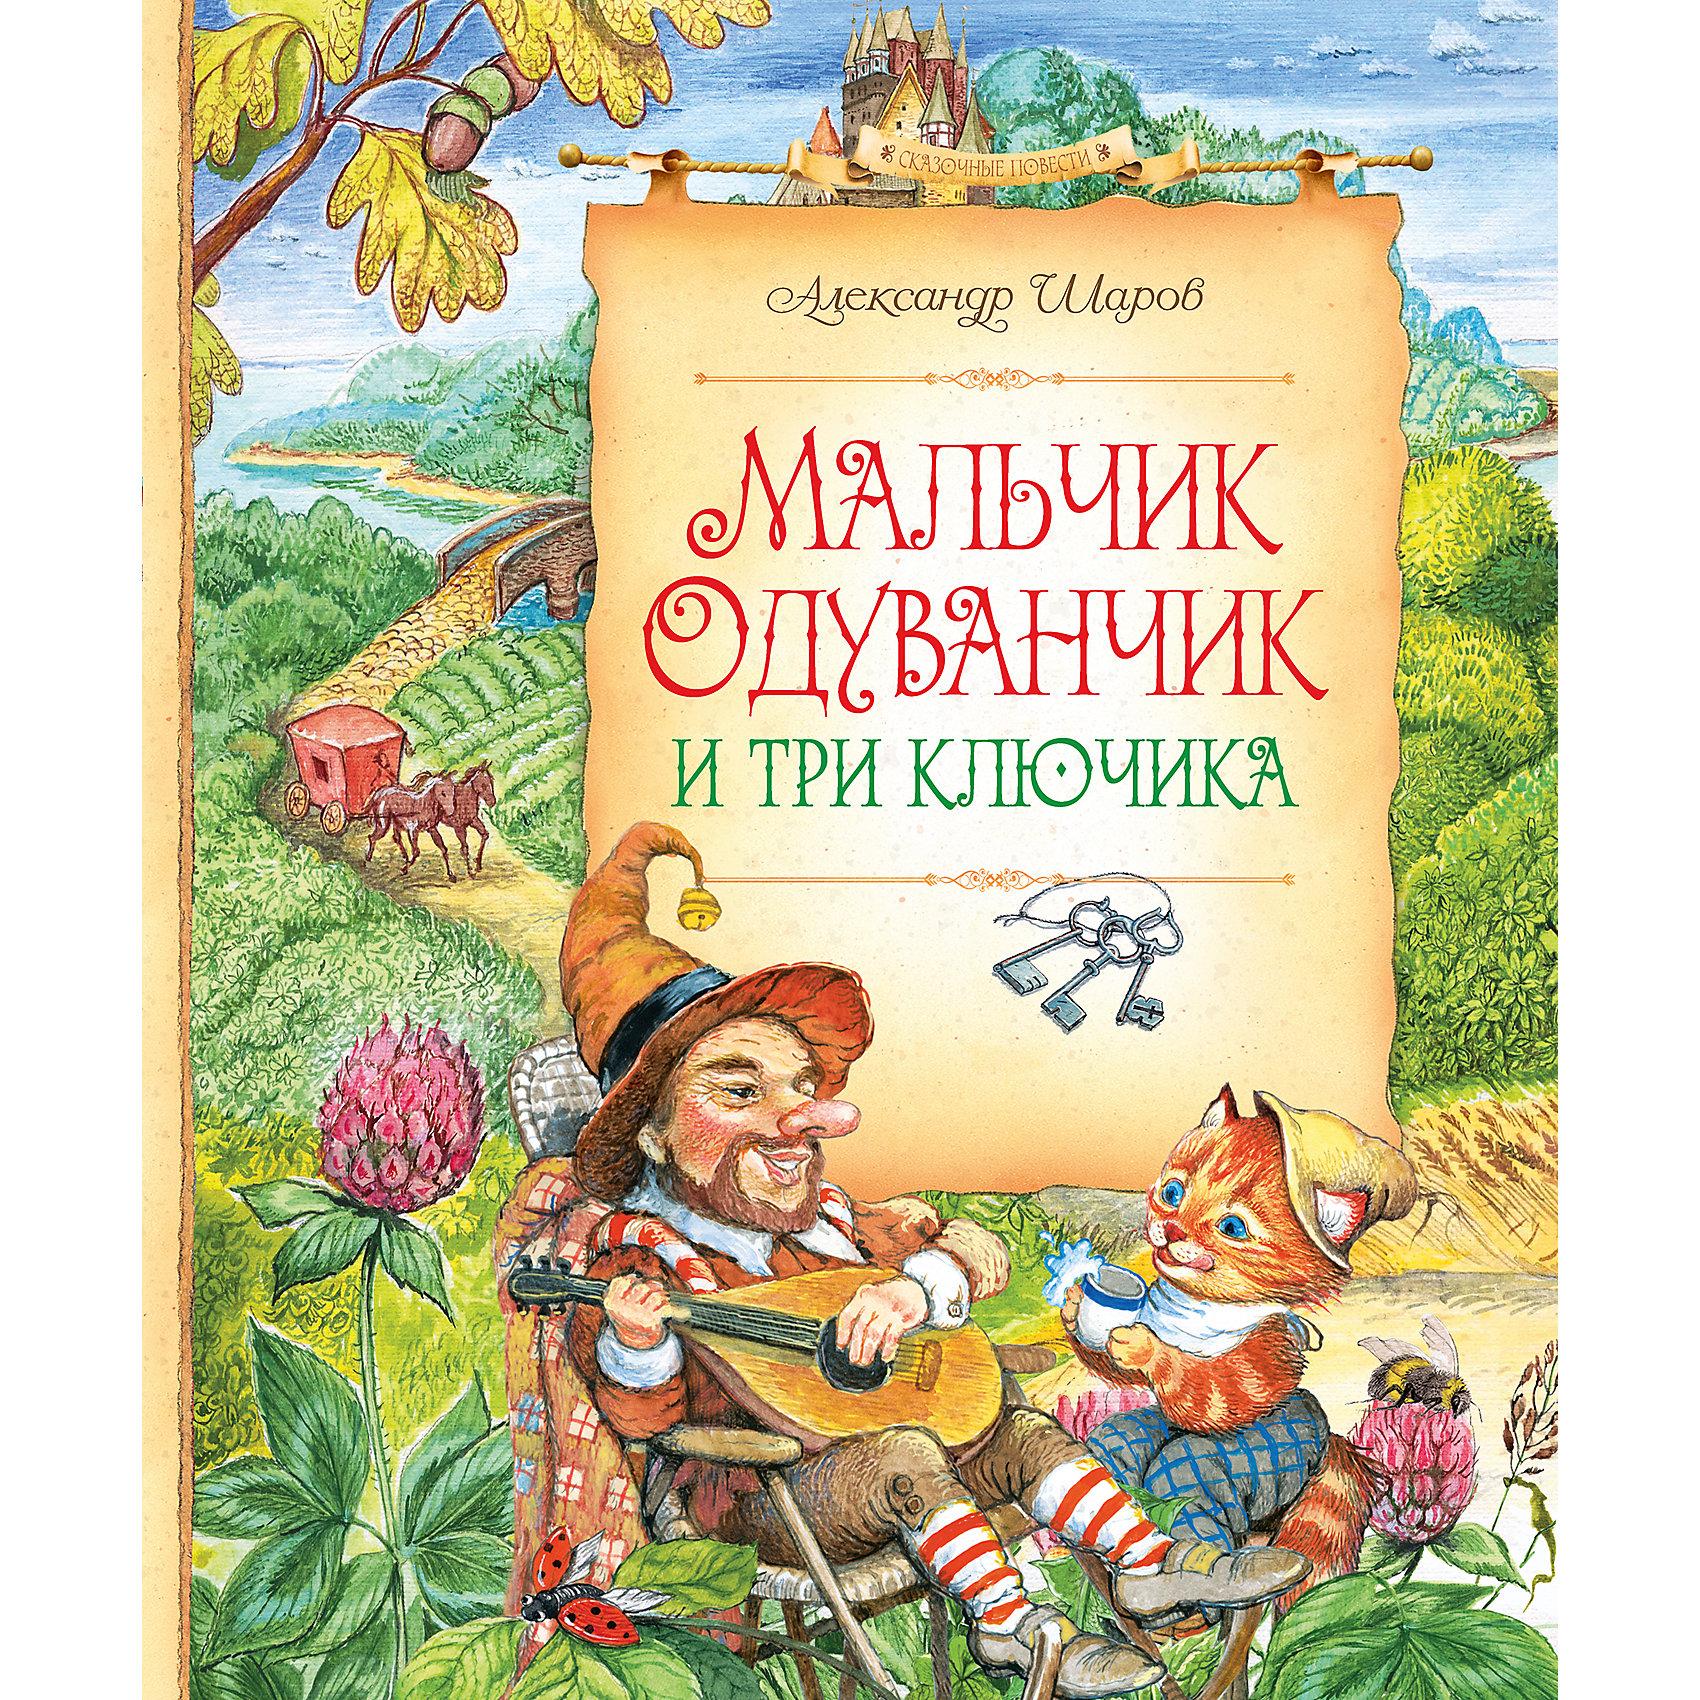 Мальчик Одуванчик и три ключика, А. ШаровРусские сказки<br>АЛЕКСАНДР ШАРОВ – писатель, известный не только в России, но и за рубежом. Он одинаково глубоко, честно и открыто пишет как для детей, так и для взрослых. Мир его произведений потрясающе реальный, даже если это сказка, а язык – живой и выразительный.<br><br>Серьёзные, умные и тонкие произведения Александра Шарова, дополненные изумительными иллюстрациями Ирины Егоровой, позволяют поговорить с детьми на очень важные темы: о преданности, зависти, ответственности, эгоизме, гармонии, выборе пути, судьбе и смысле жизни.<br><br>Ширина мм: 235<br>Глубина мм: 195<br>Высота мм: 11<br>Вес г: 391<br>Возраст от месяцев: 84<br>Возраст до месяцев: 120<br>Пол: Унисекс<br>Возраст: Детский<br>SKU: 4818084